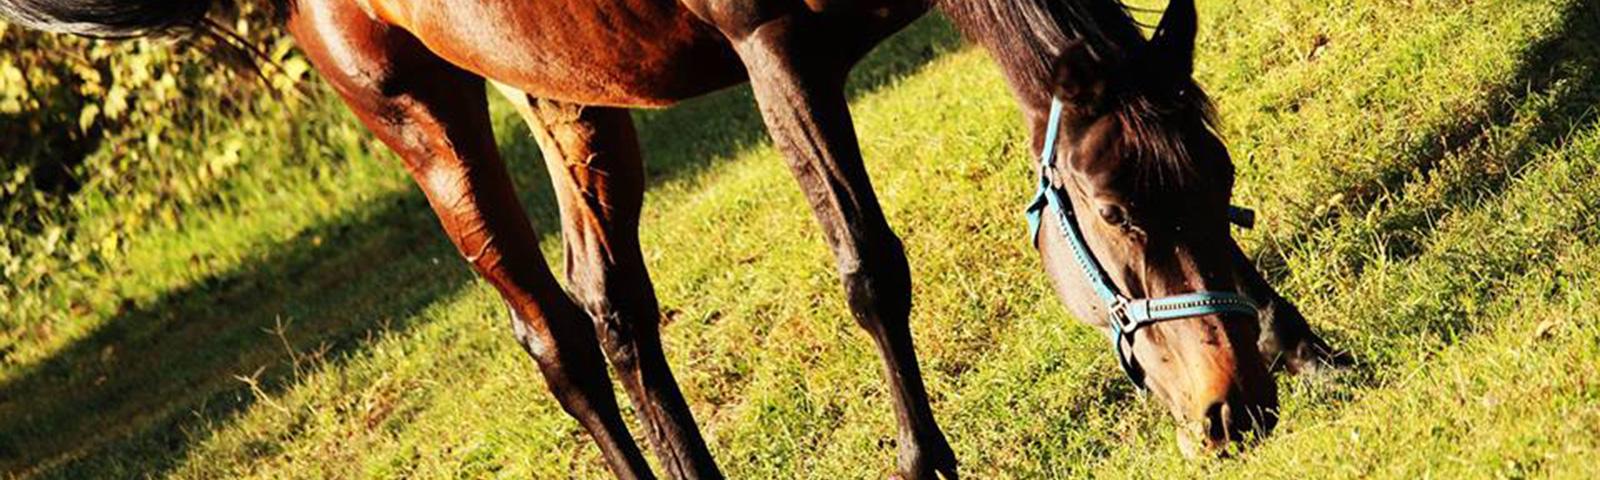 Pensione cavalli a riposo fine carriera paddock e box, cavalli anziani, cavalli con patologie croniche o problemi comportamentali